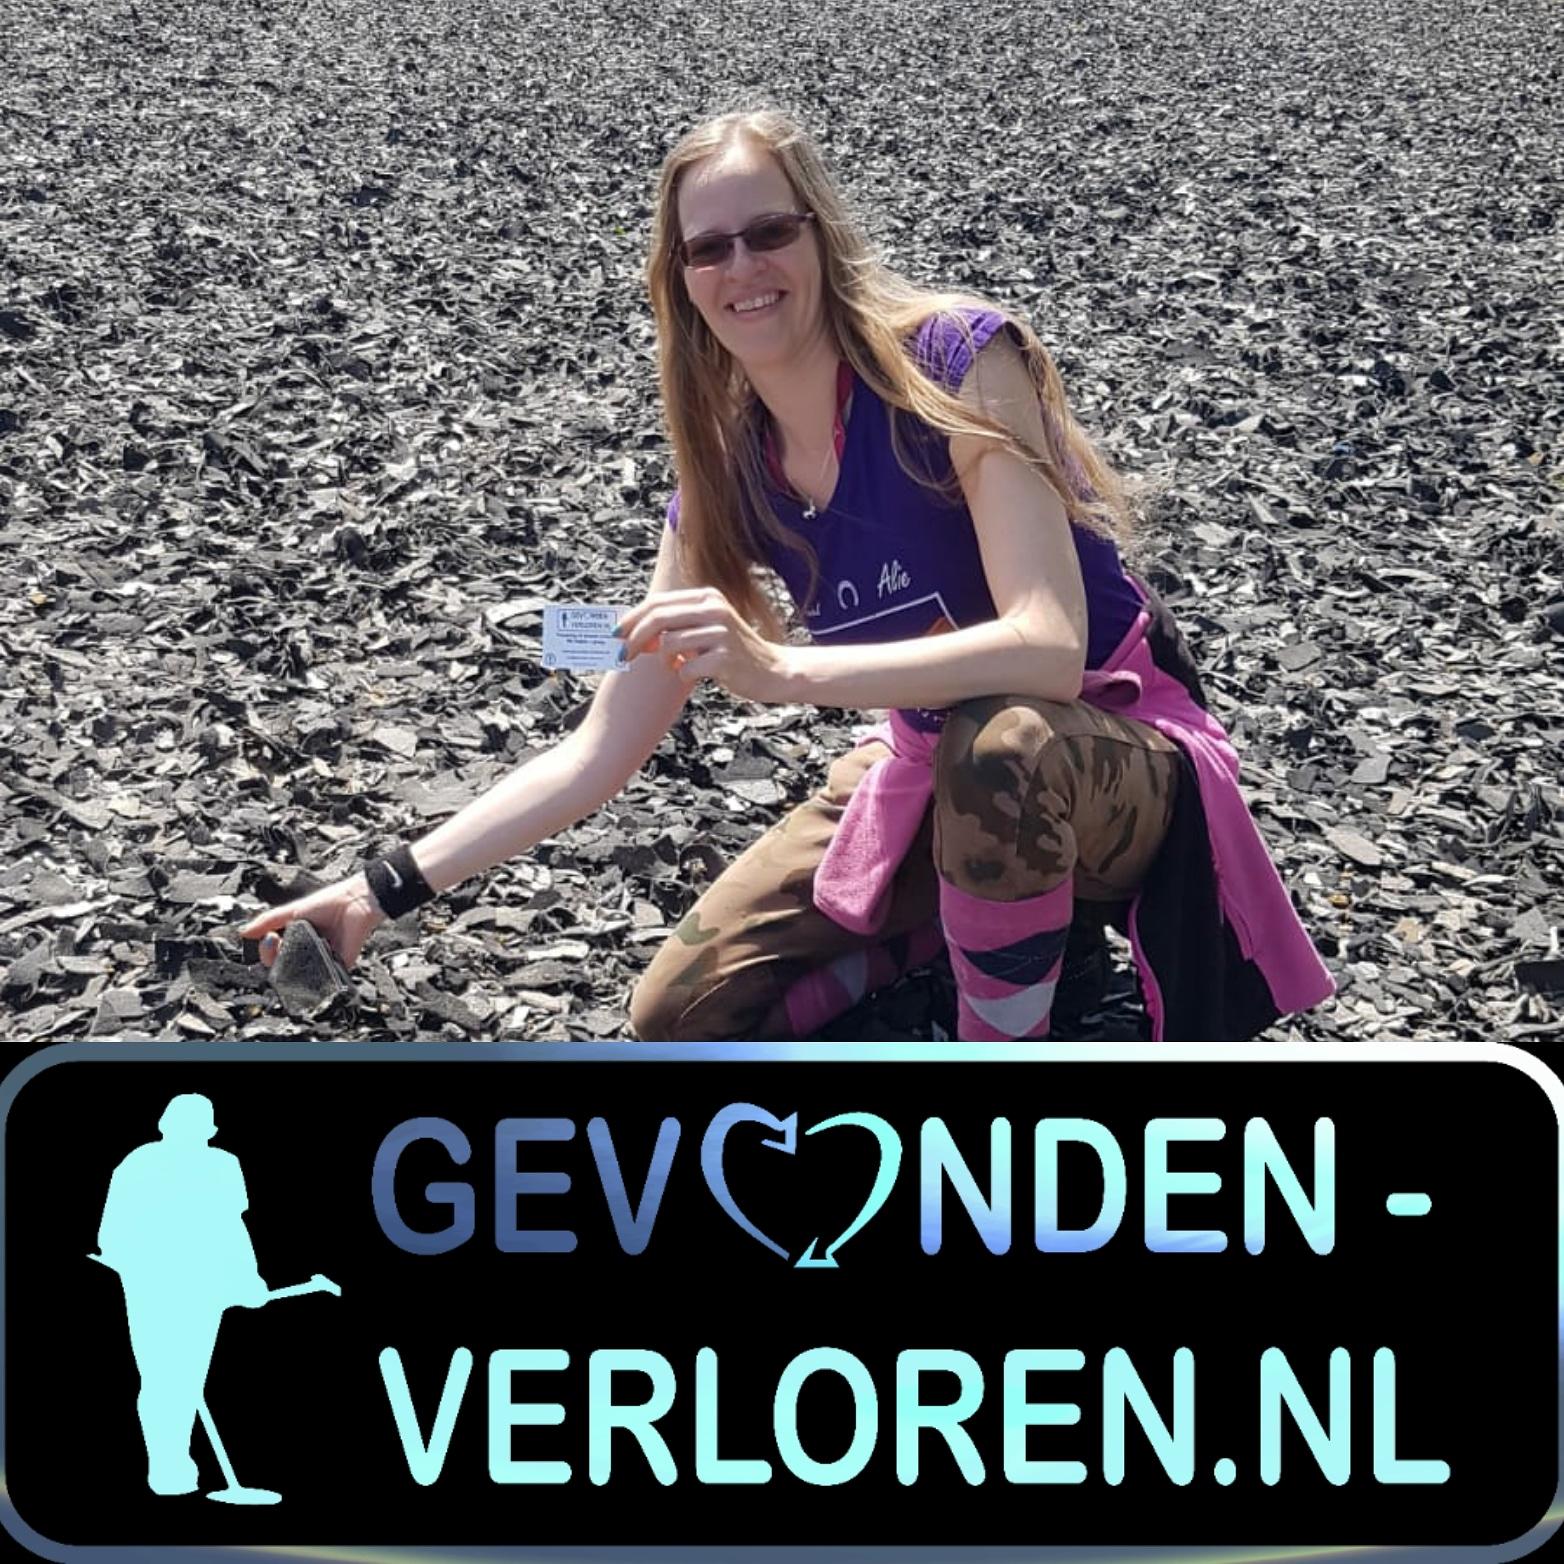 Autosleutels verloren? Gevonden verloren.nl biedt hulp